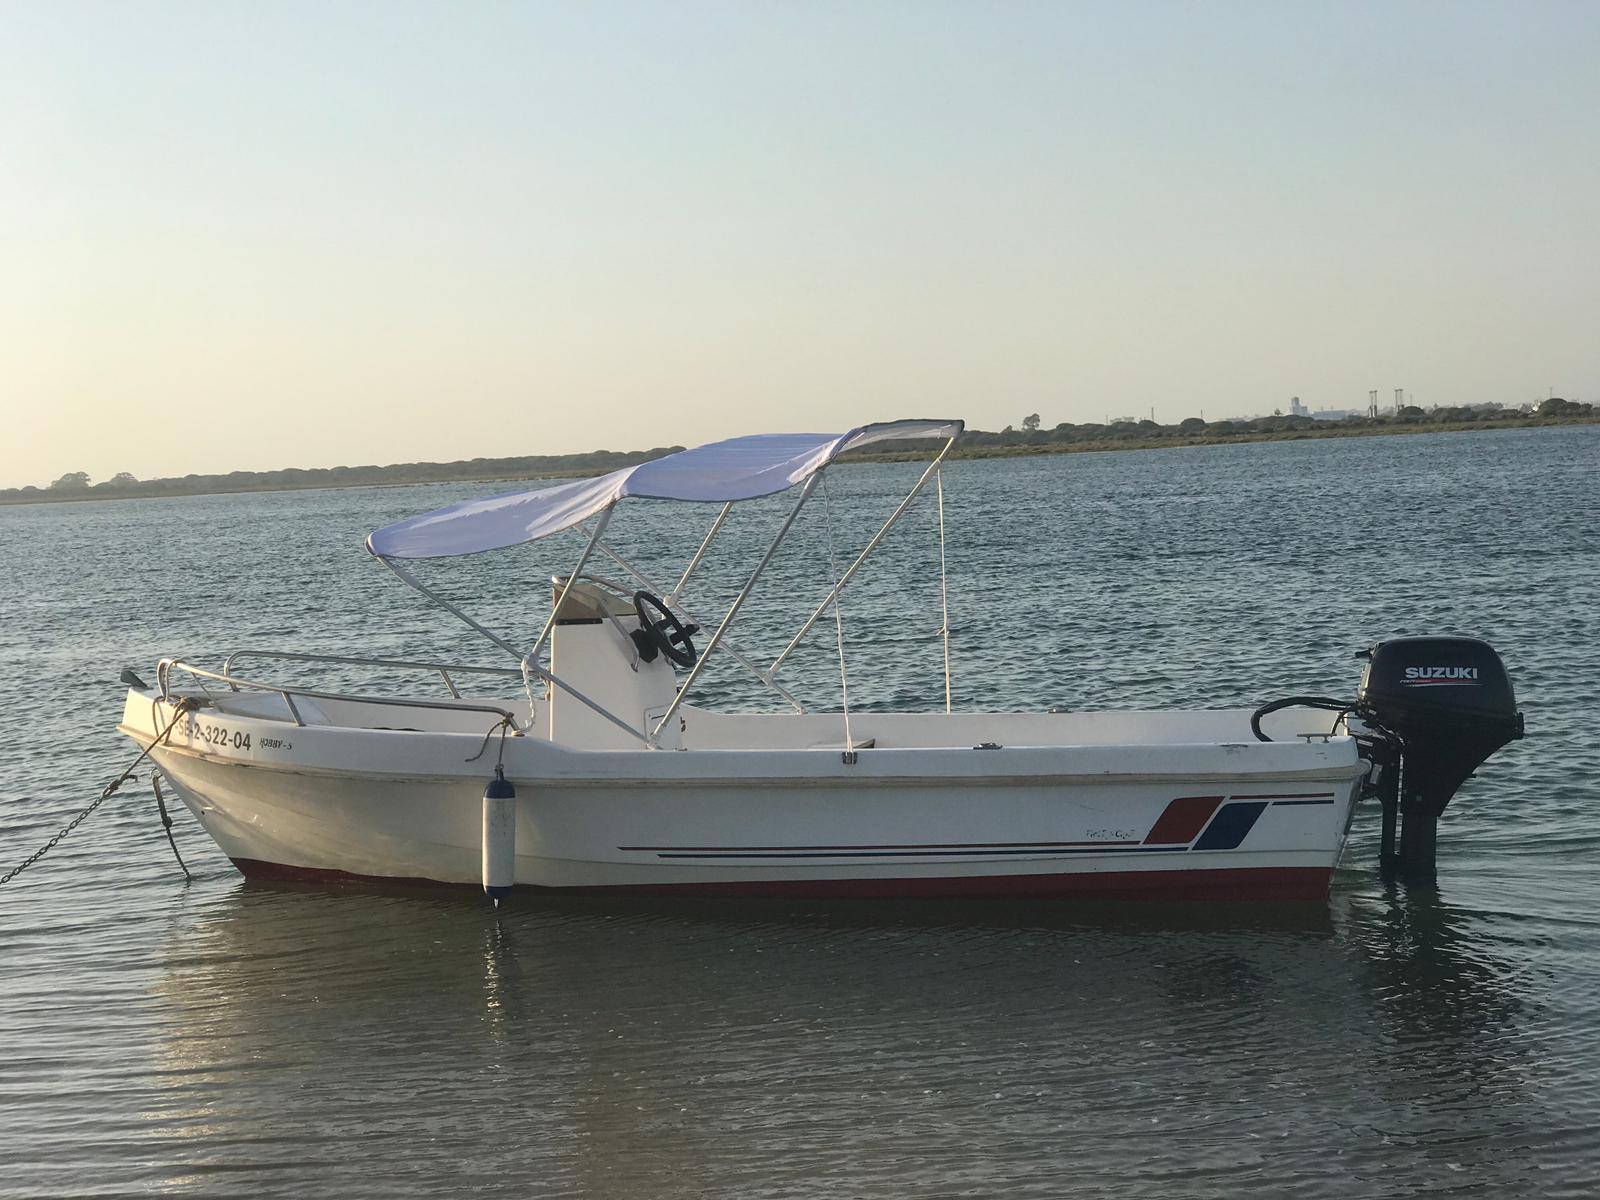 barco sin patrón en el agua